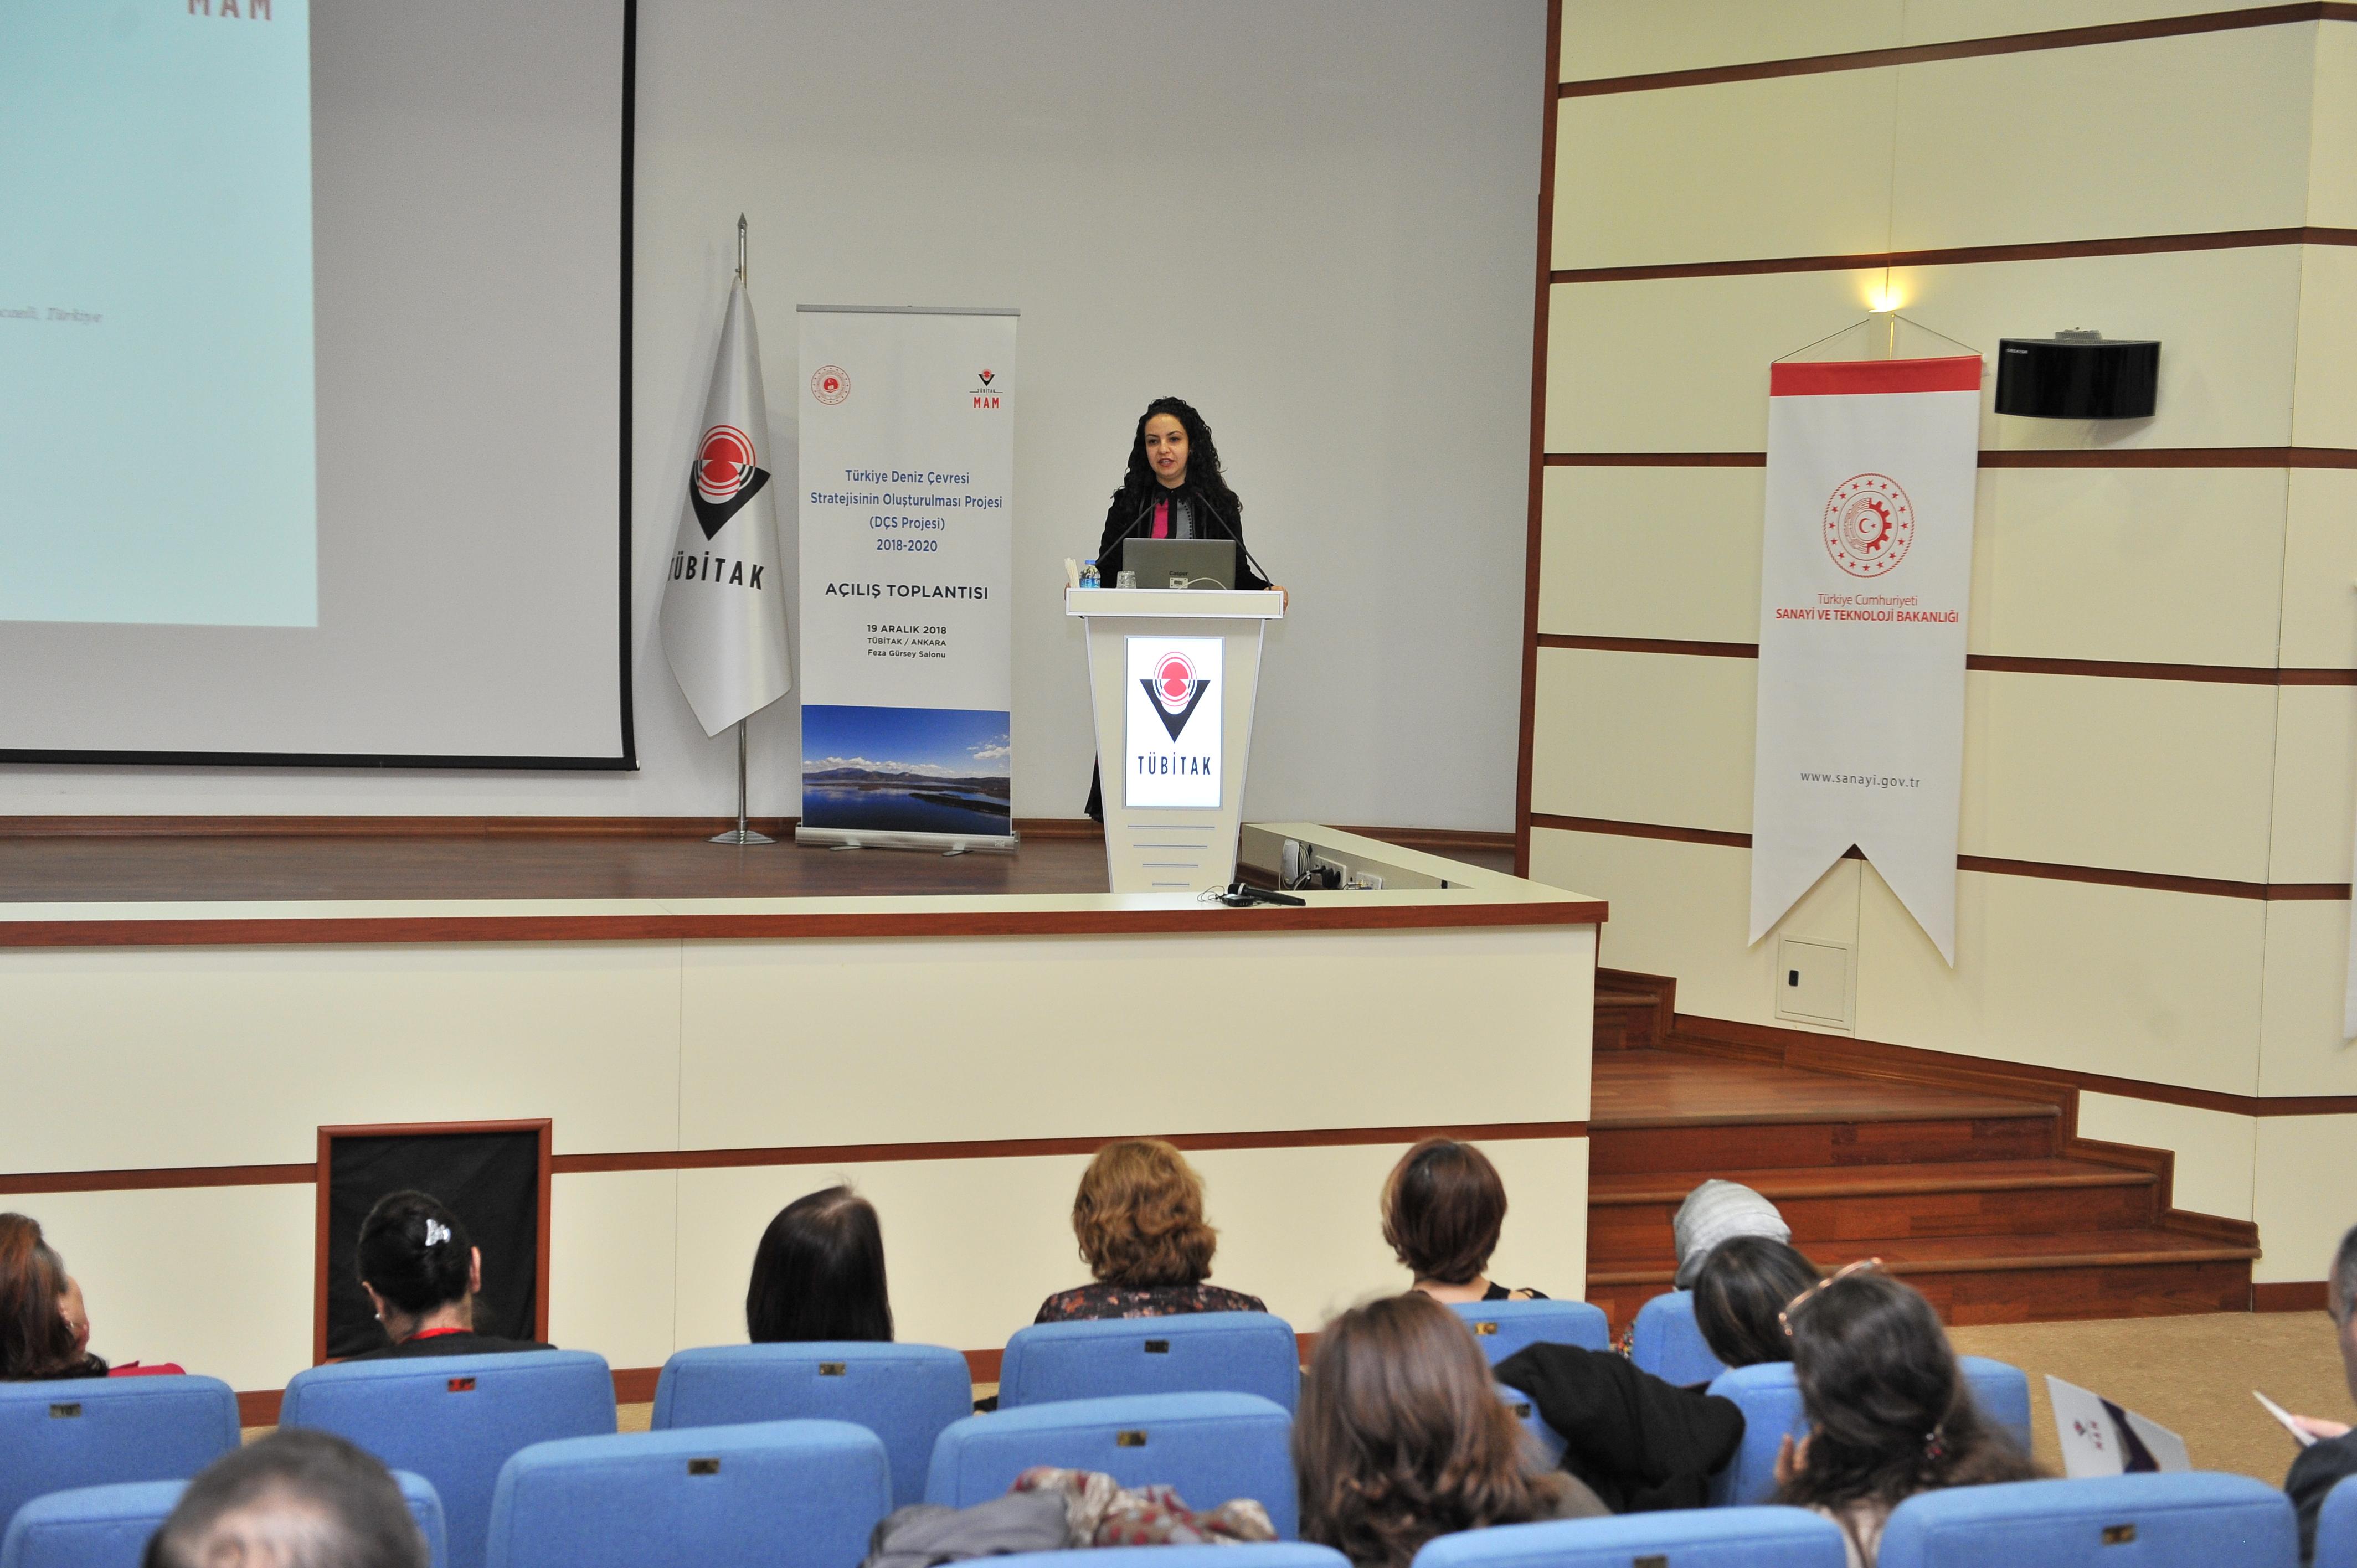 Türkiye Deniz Çevresi Stratejisinin Oluşturulması Projesinin Açılış Toplantısı Ankara Tübitak Başkanlığında Gerçekleştirildi.